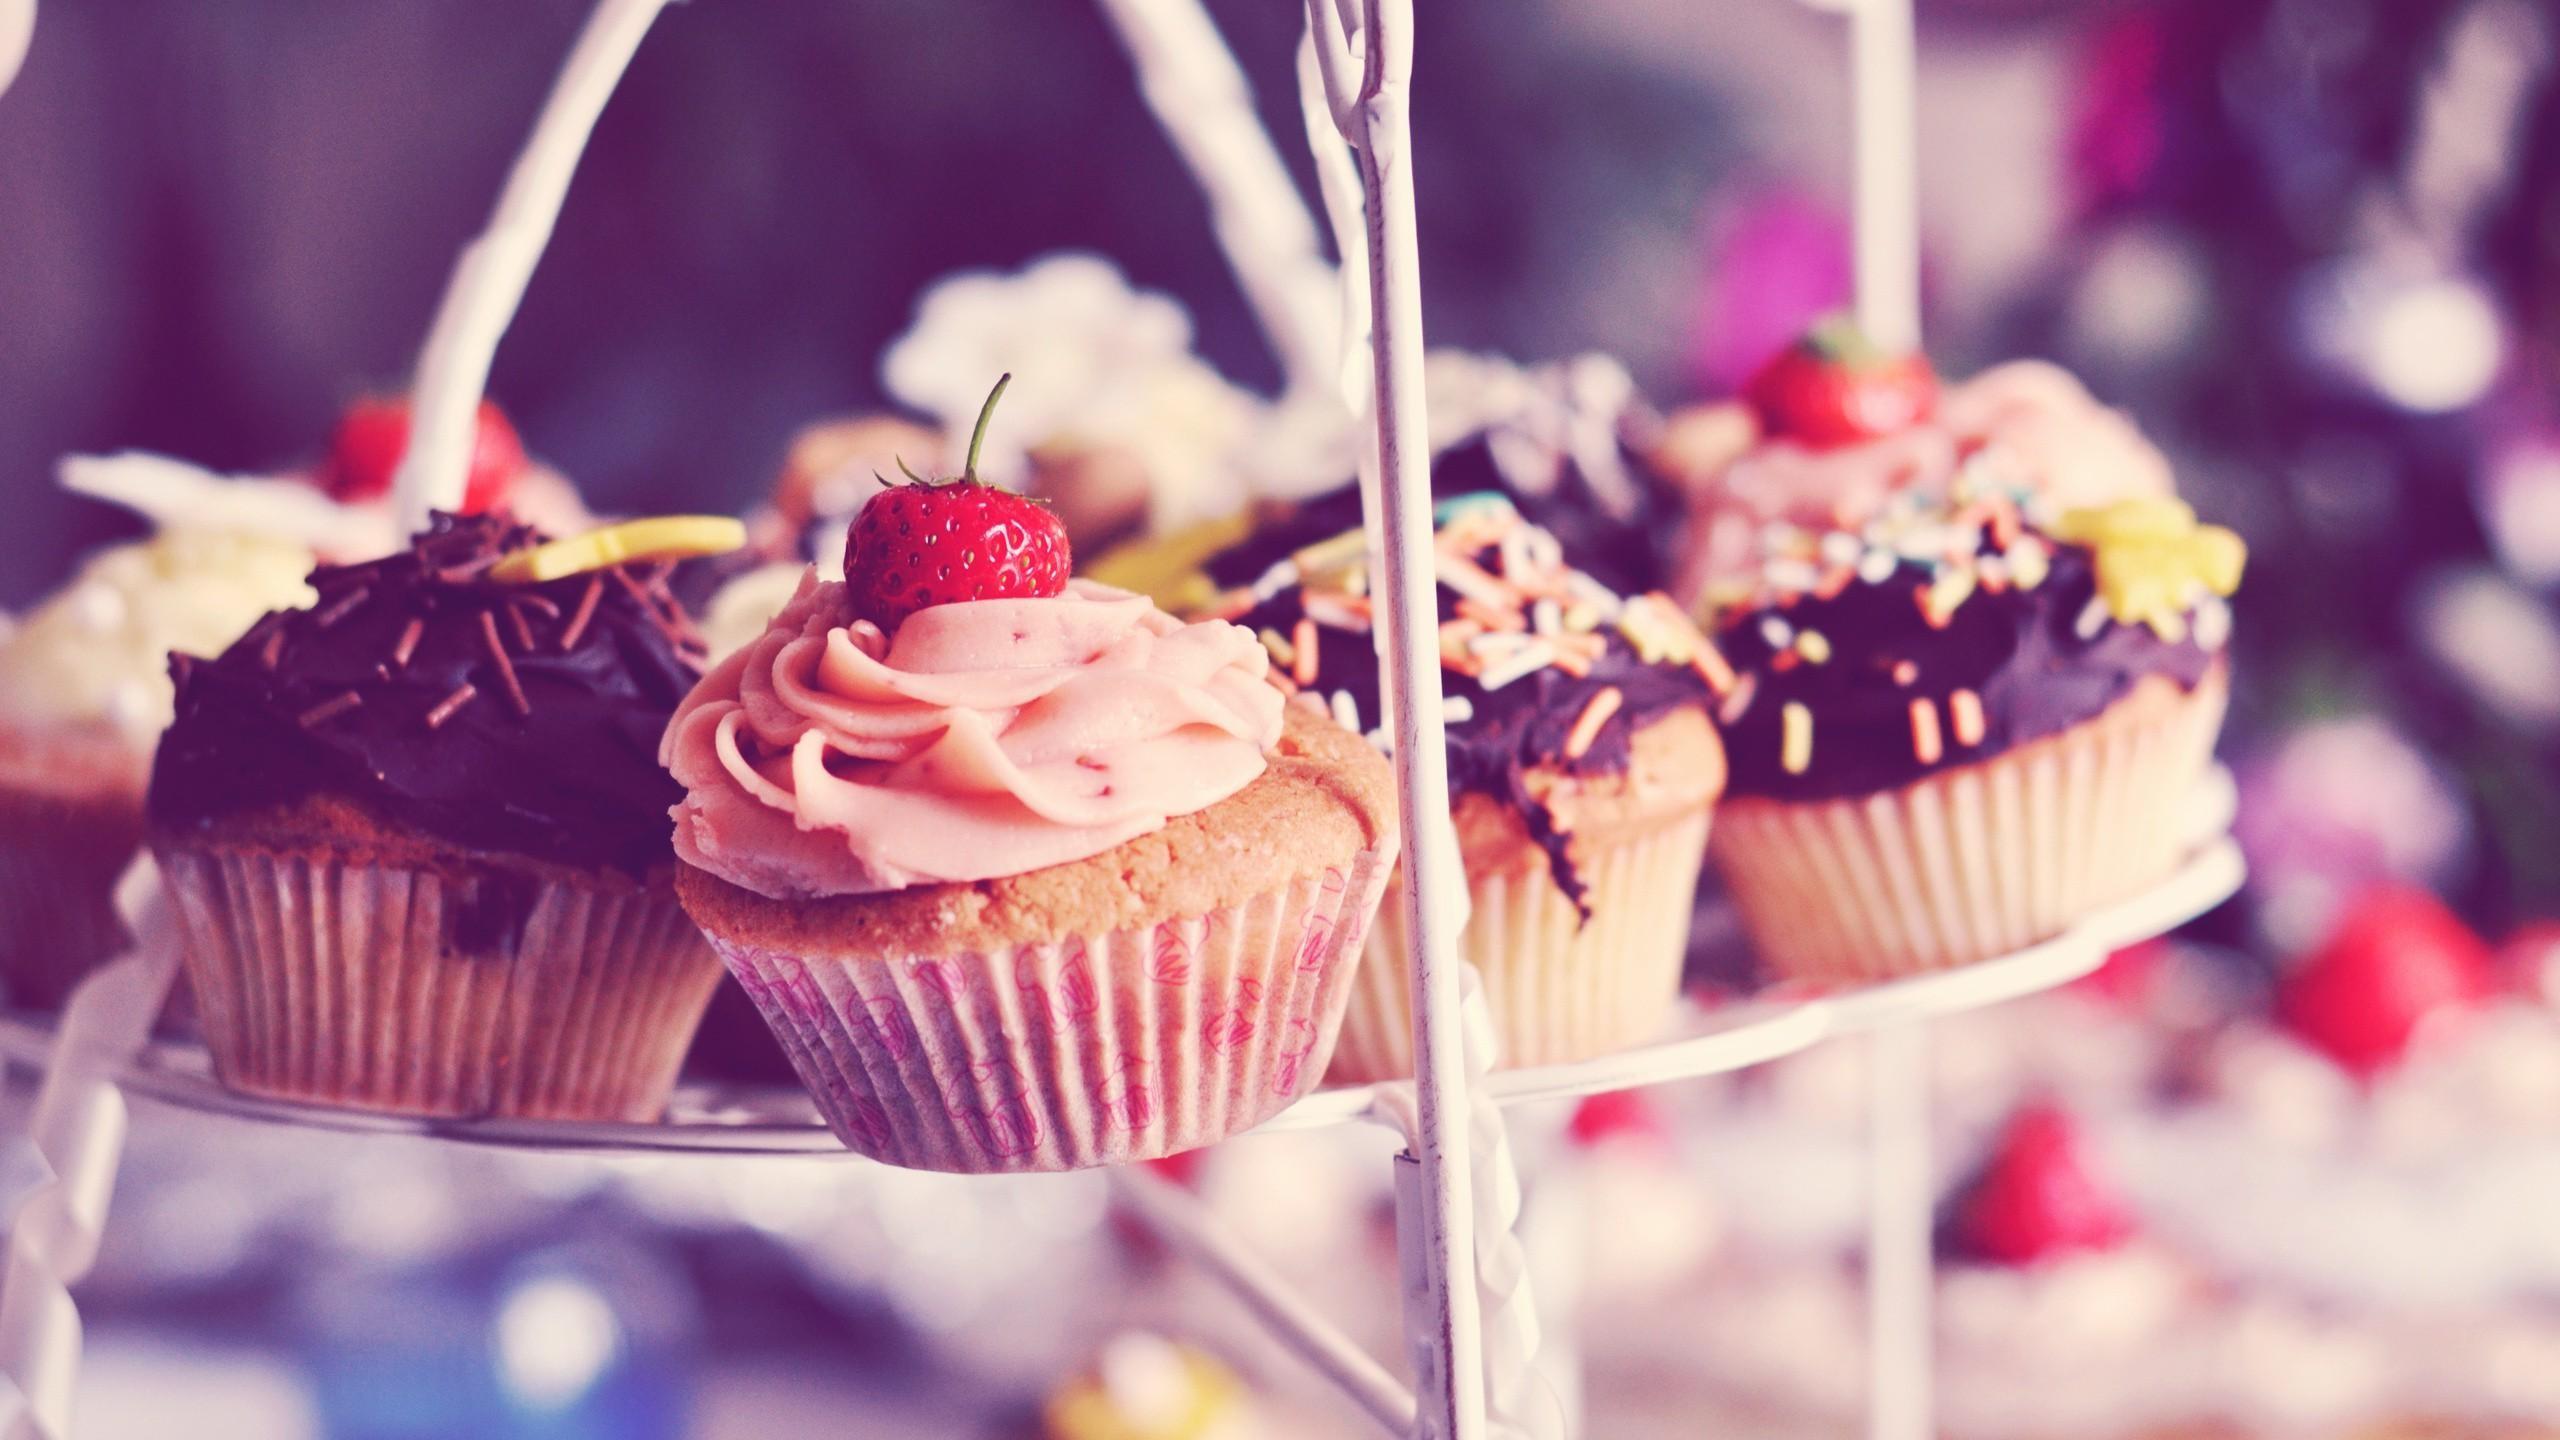 Pink Cupcake Wallpaper 63 Images